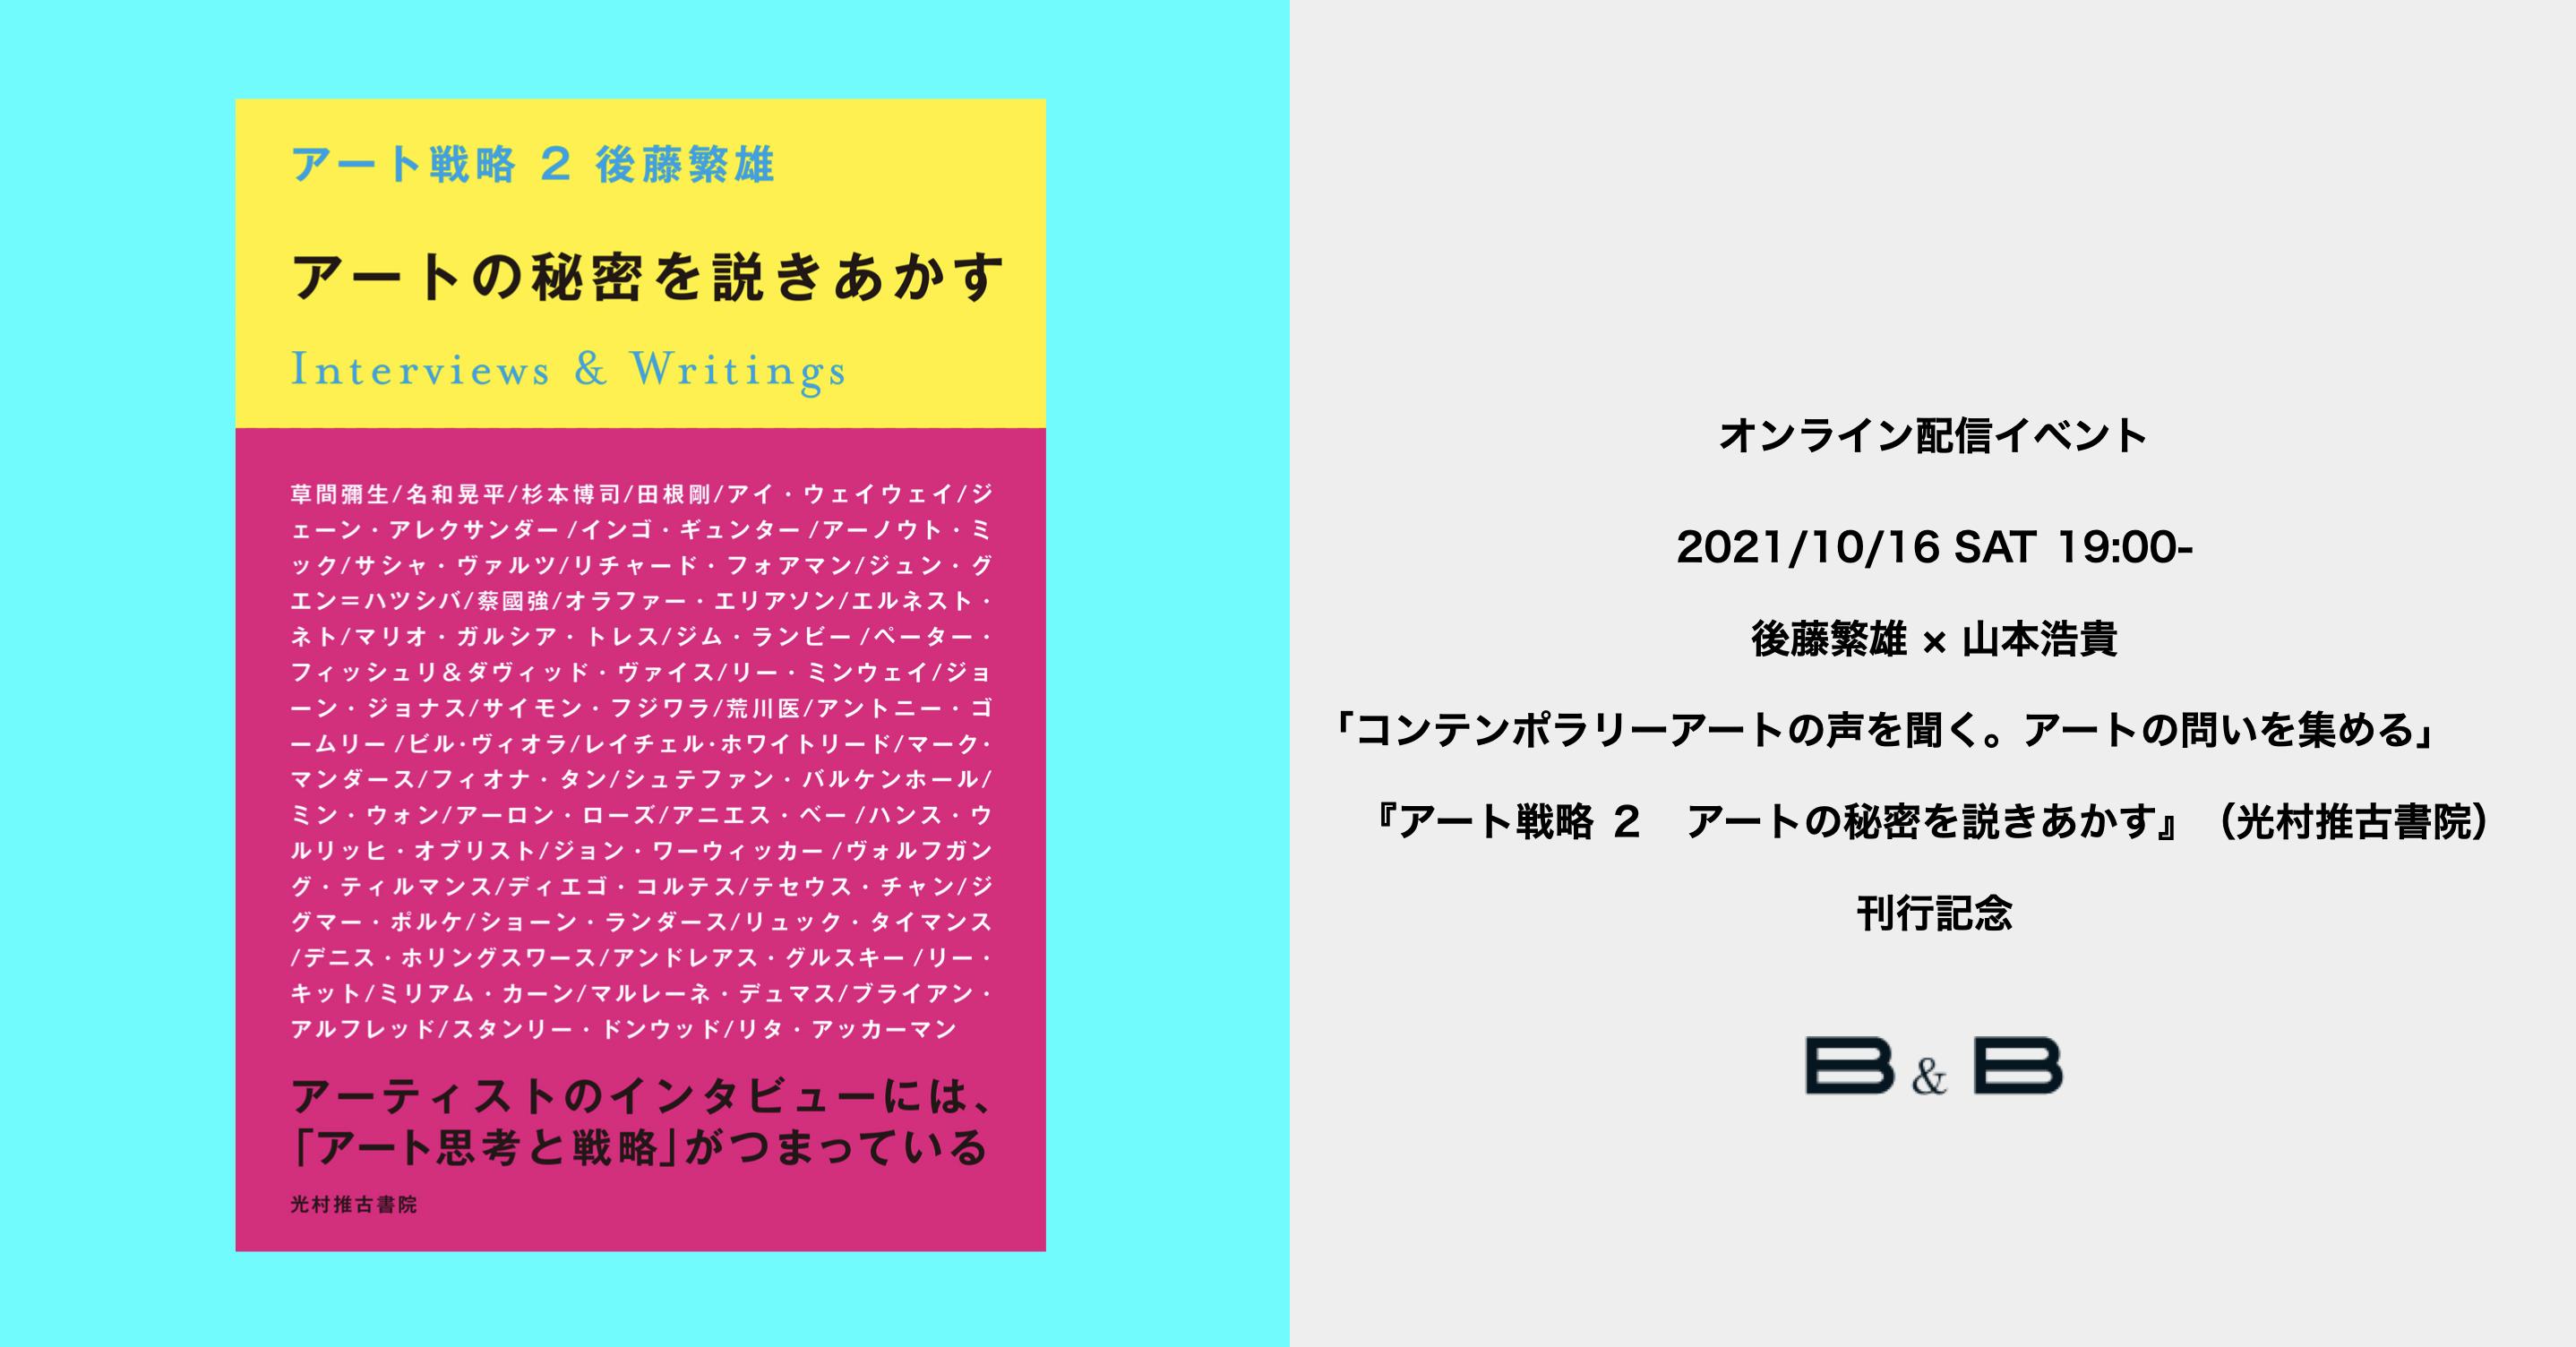 バナー_後藤繁雄 × 山本浩貴「コンテンポラリーアートの声を聞く。アートの問いを集める」『アート戦略 2 アートの秘密を説きあかす』(光村推古書院)刊行記念